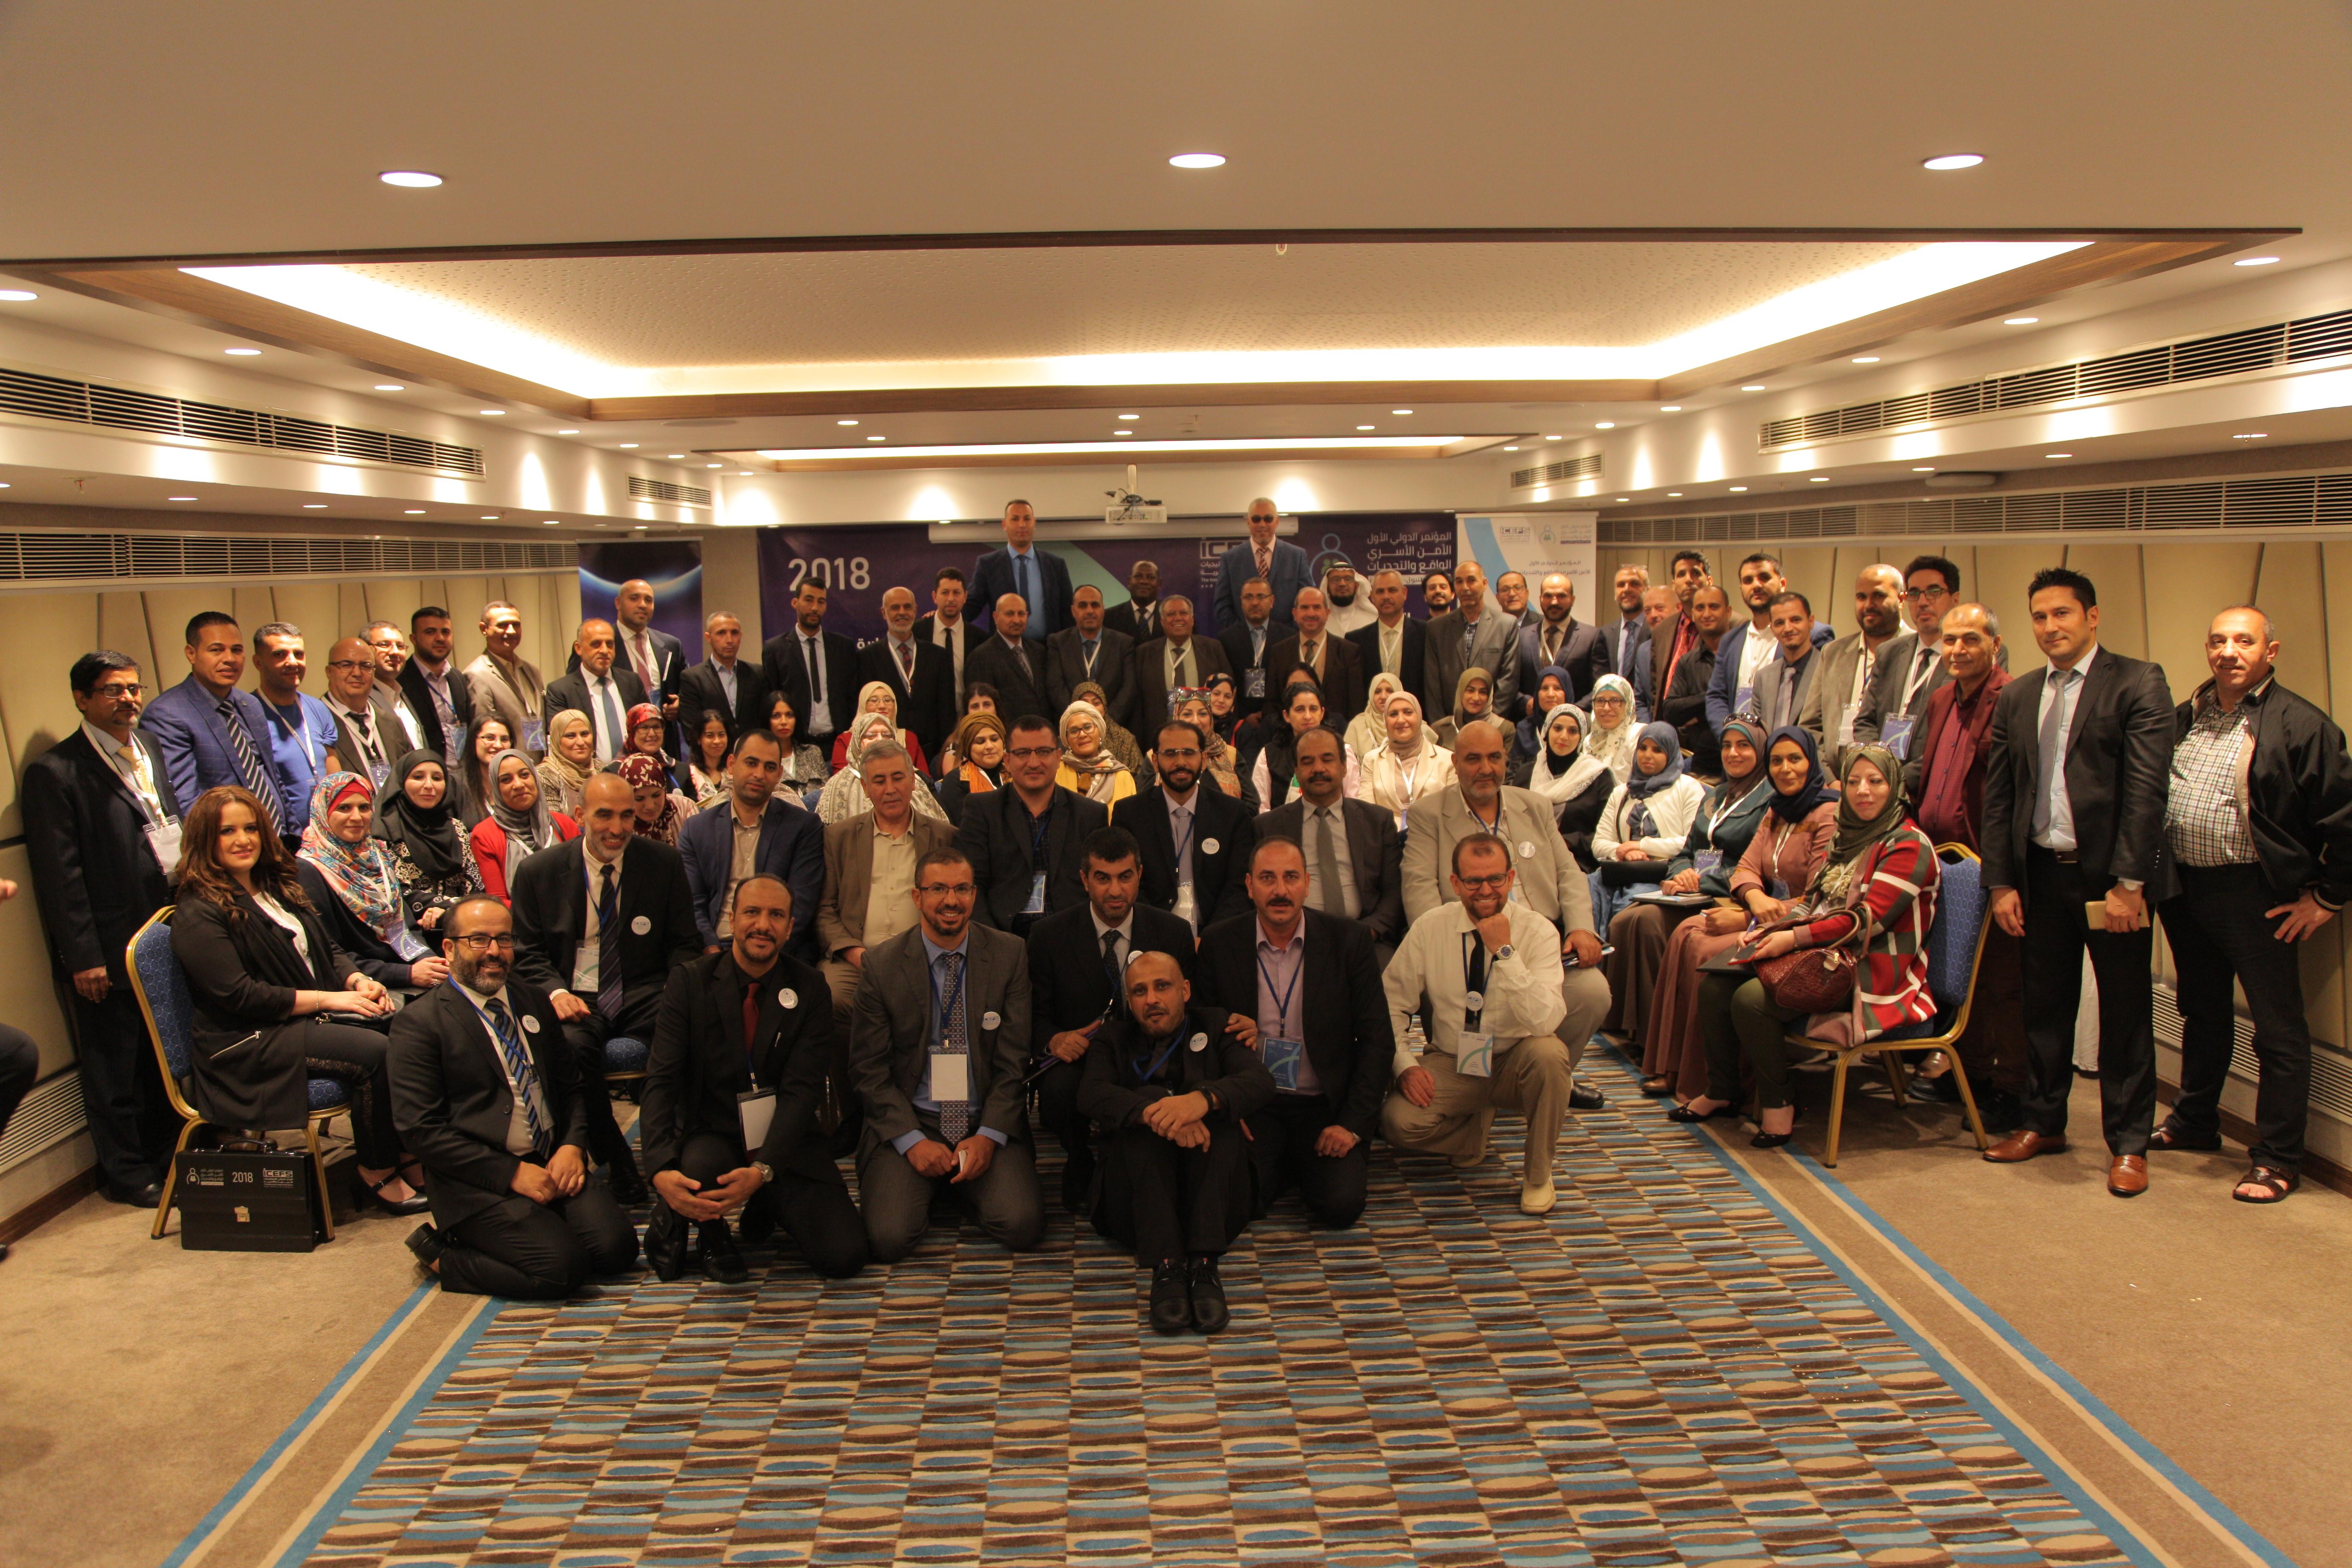 رسالة شكر وتقدير للمشاركين في المؤتمر الدولي الأول